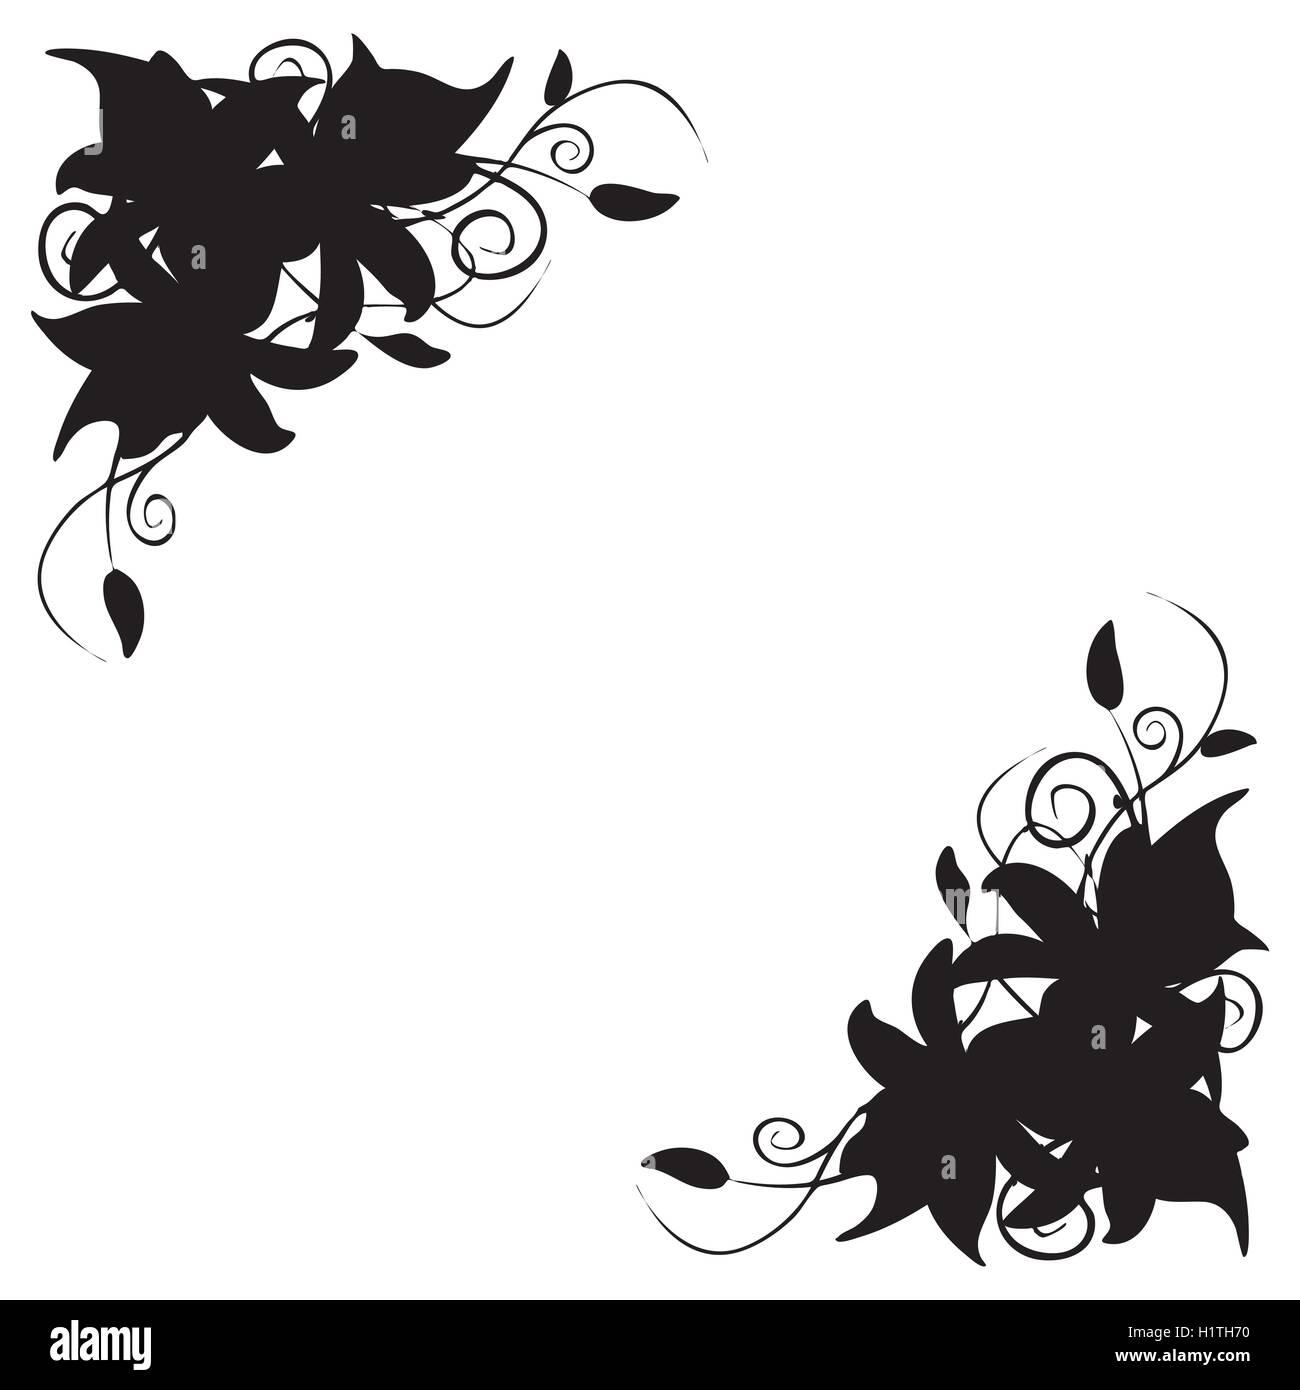 Lily corner ornament - Stock Vector